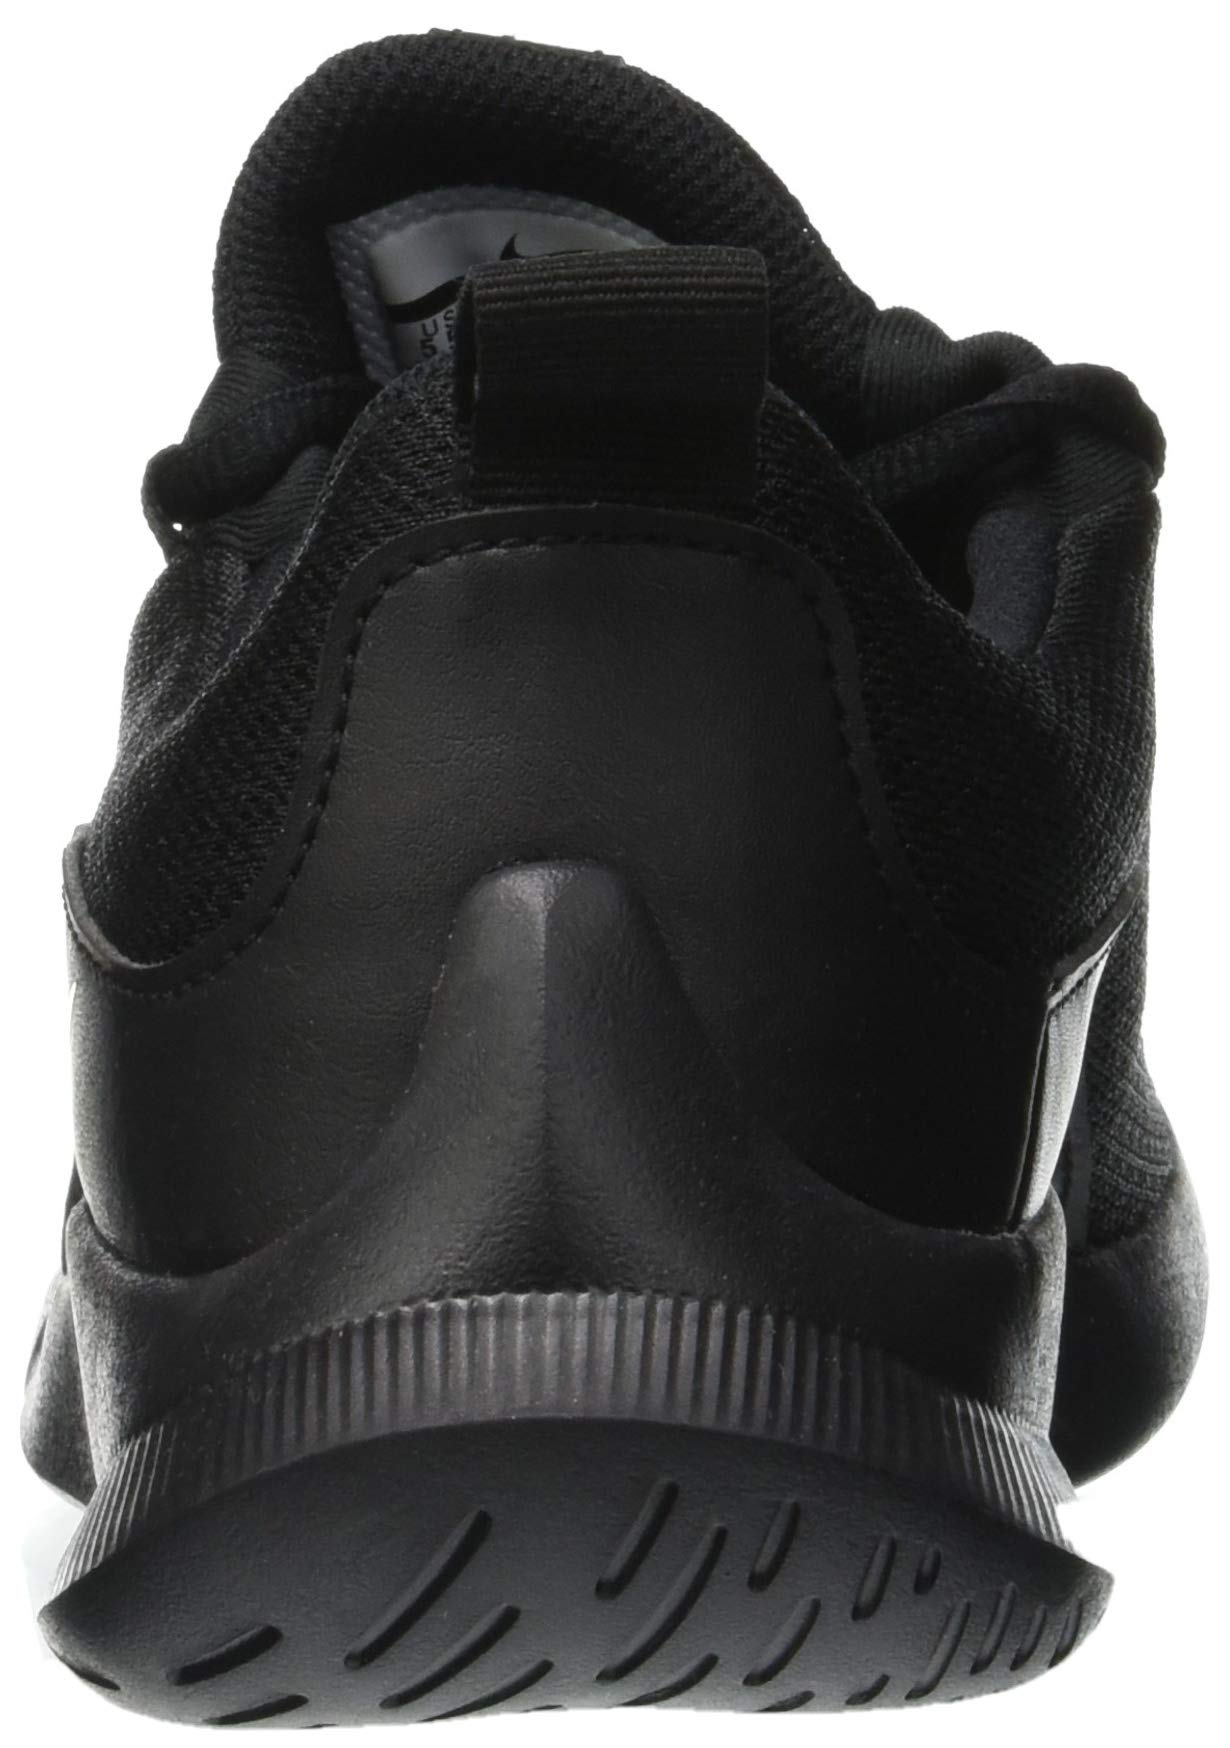 Nike Boys' Viale (GS) Running Shoe, Black, 4Y Youth US Big Kid by Nike (Image #2)